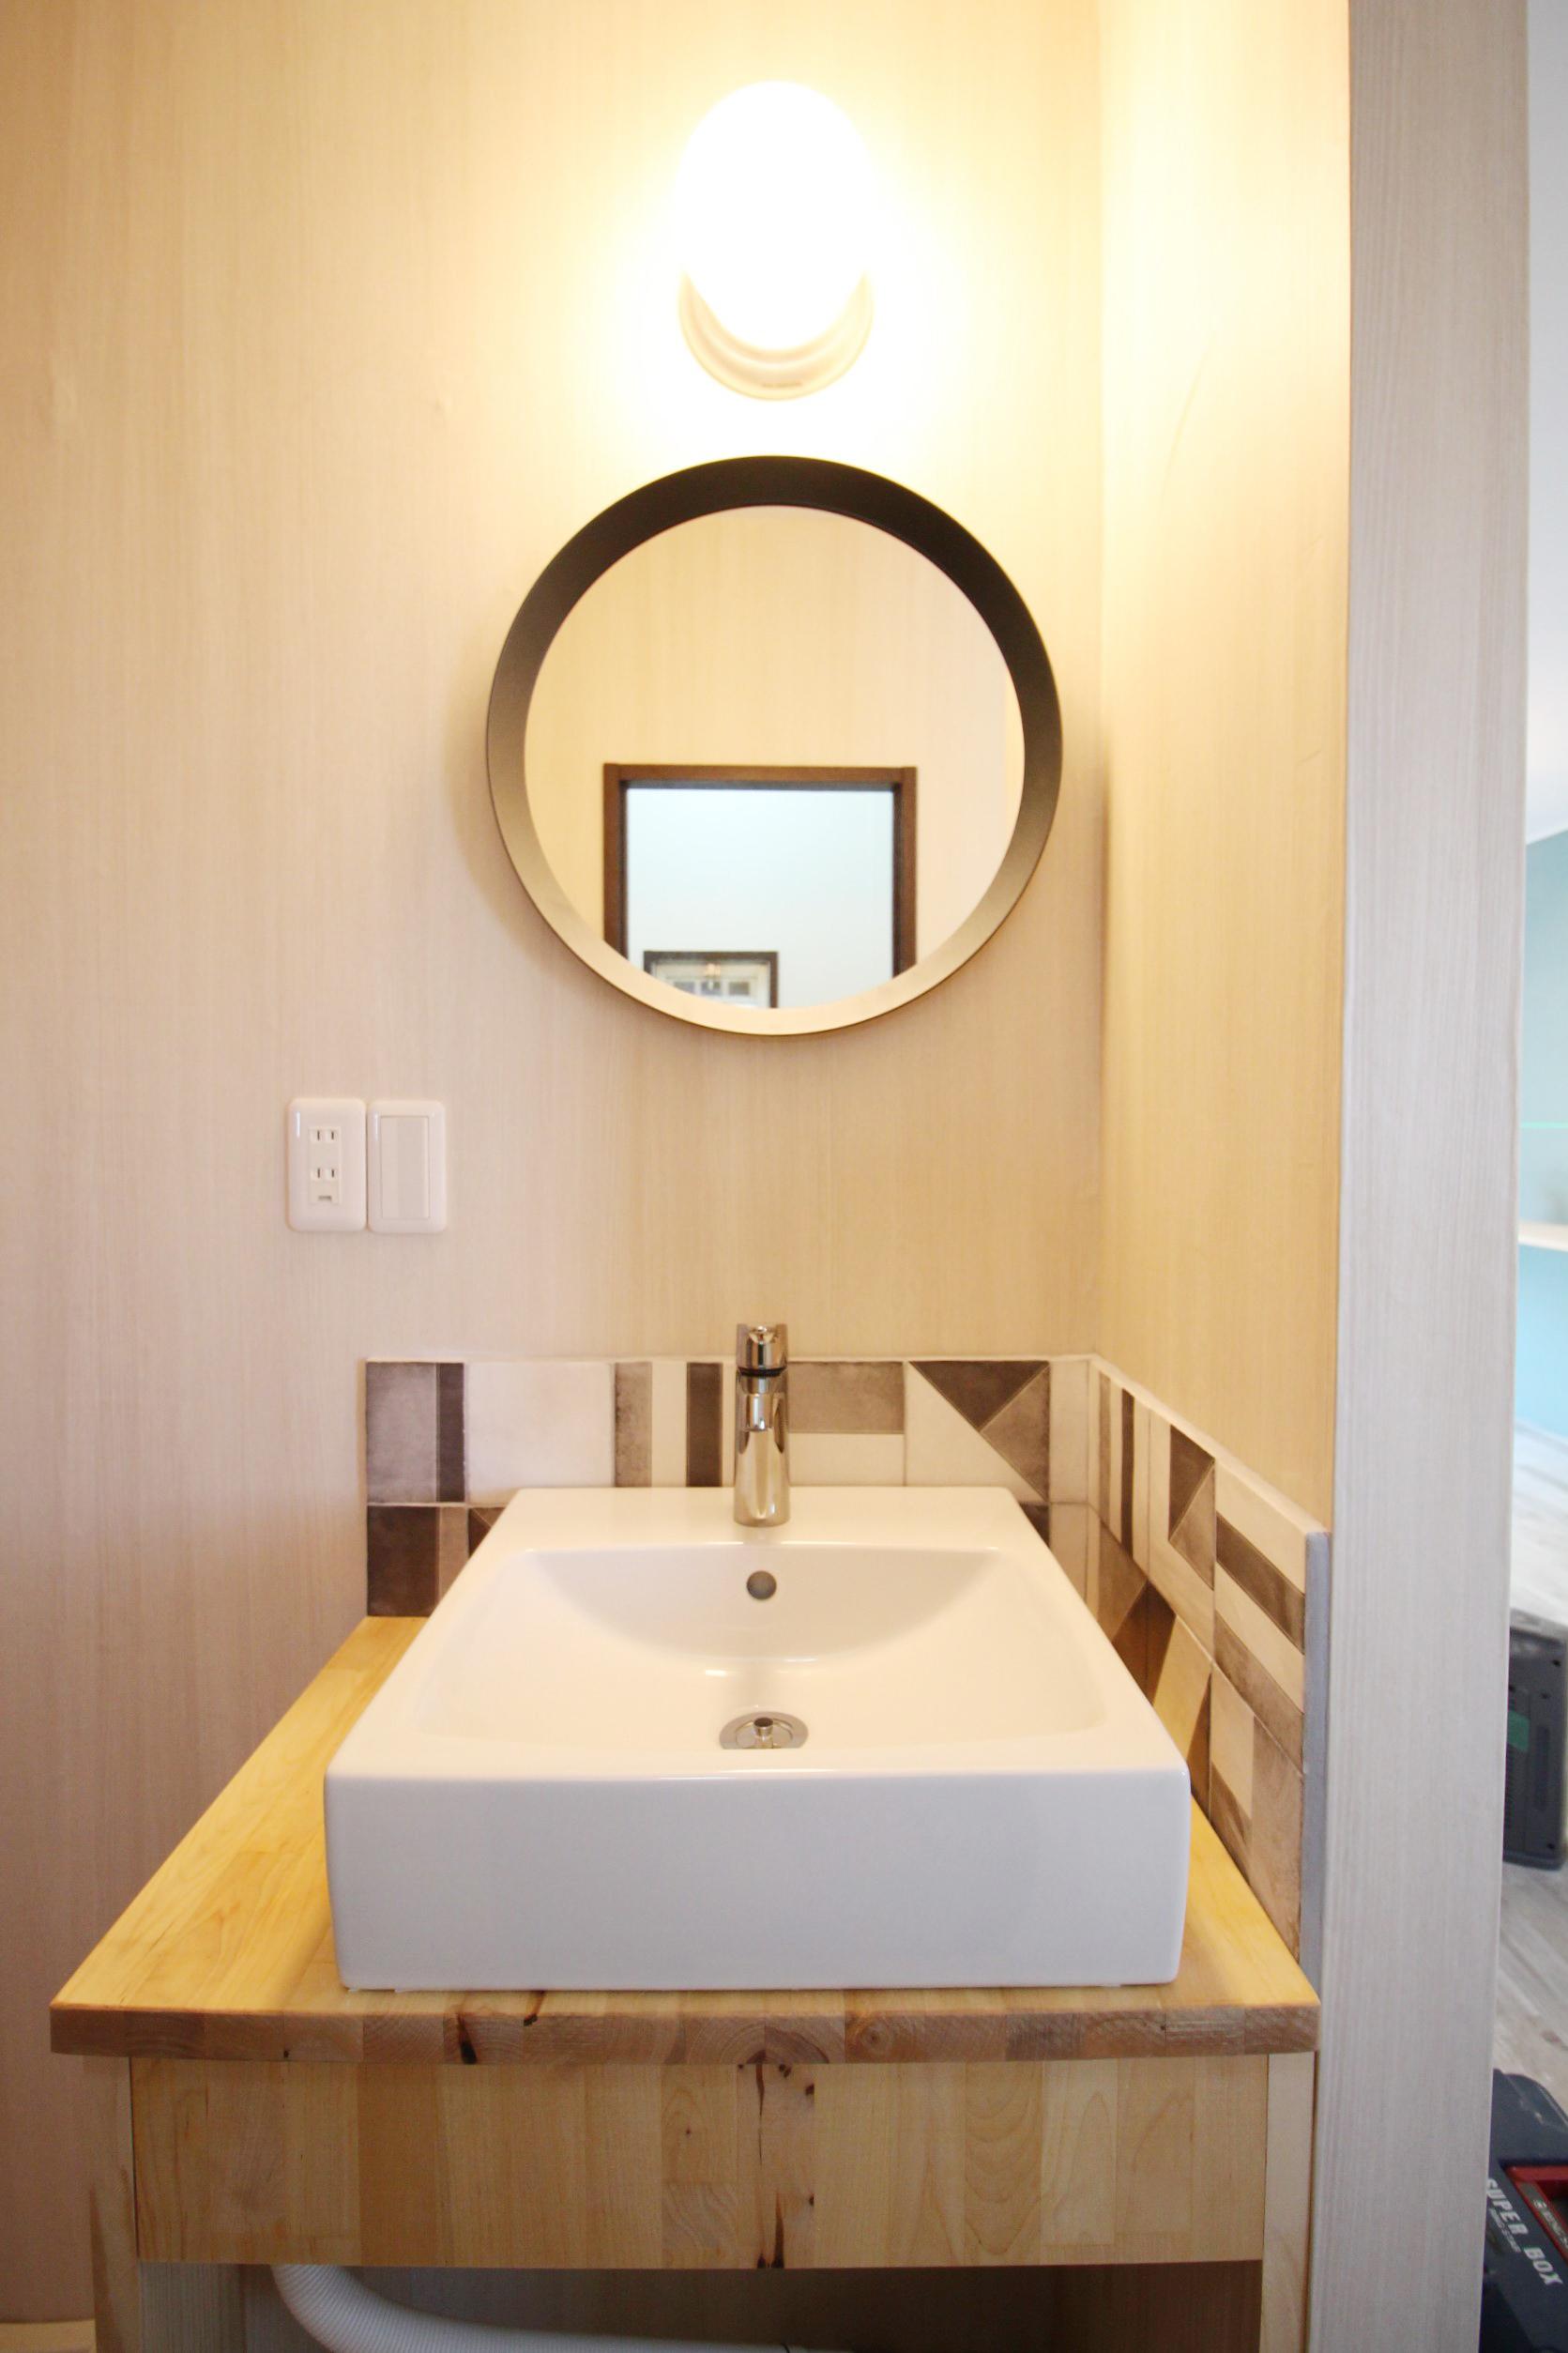 独立洗面台です。陶器のシンクボウルといえば・・・・ここで何が起こるか、お分かりですよね